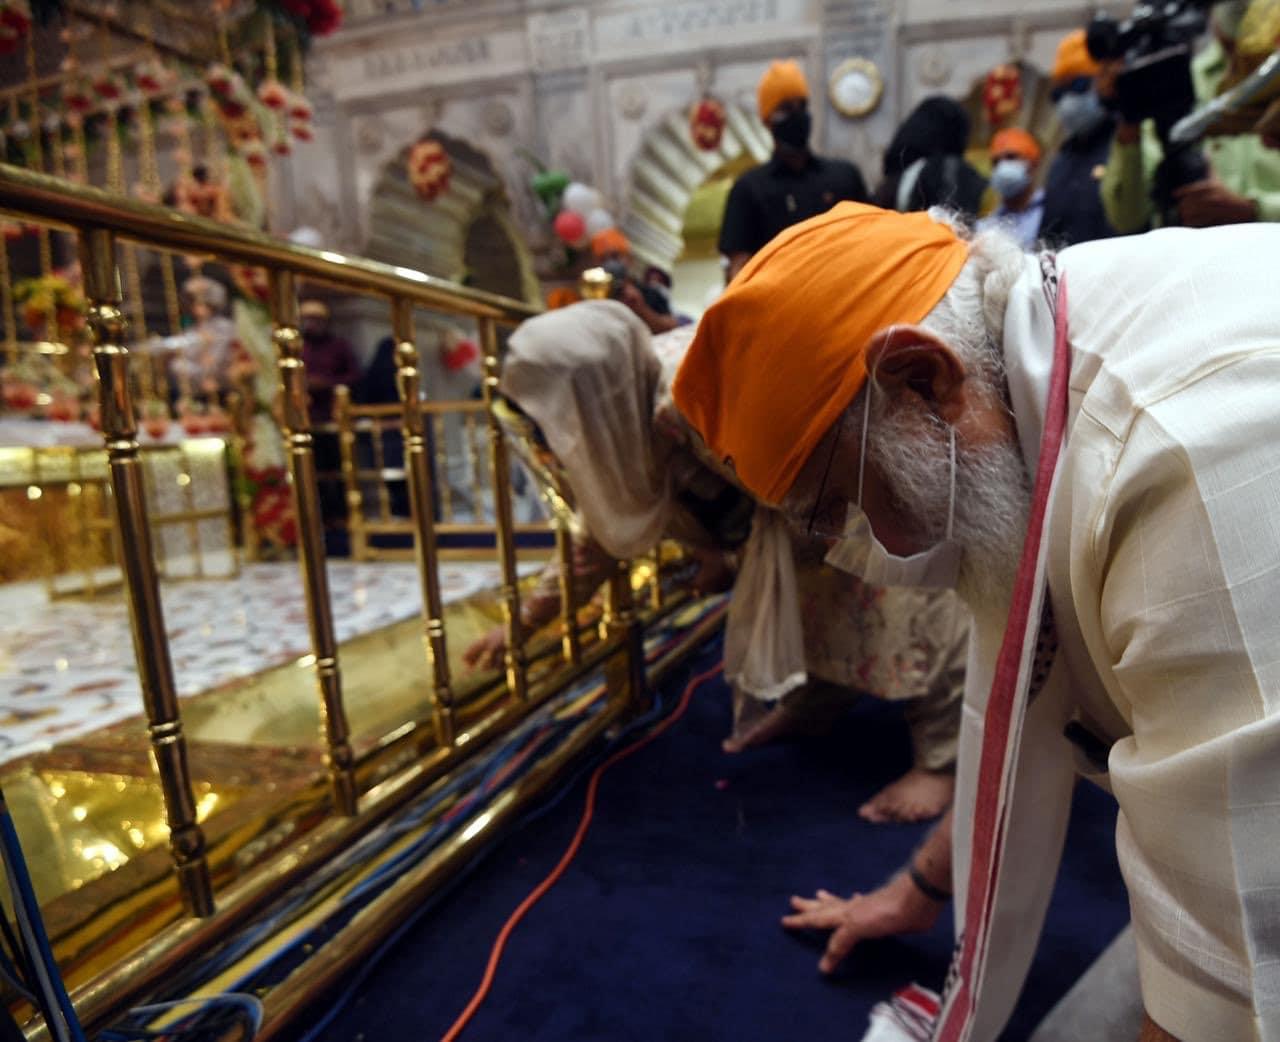 1675లో గురు తేగ్ బహదూర్ను మొఘల్స్ తల నరికి ప్రాణం తీశారు. ఆయన త్యాగాలను స్మరించుకుంటూ... సిక్కులు ఈ గురుద్వారాను నిర్మించారు.